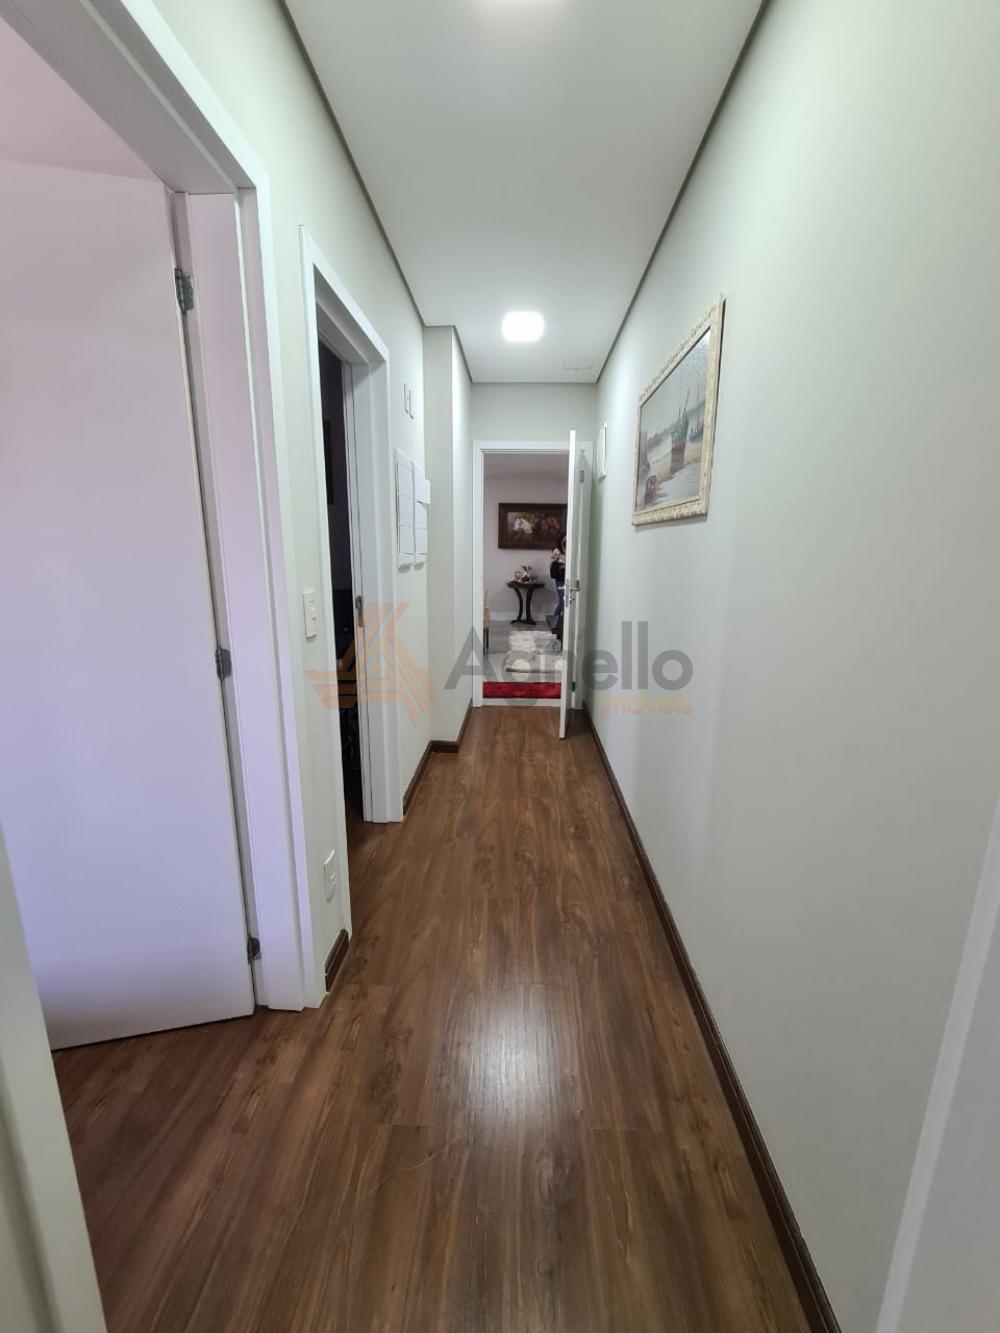 Comprar Apartamento / Padrão em Franca R$ 850.000,00 - Foto 6